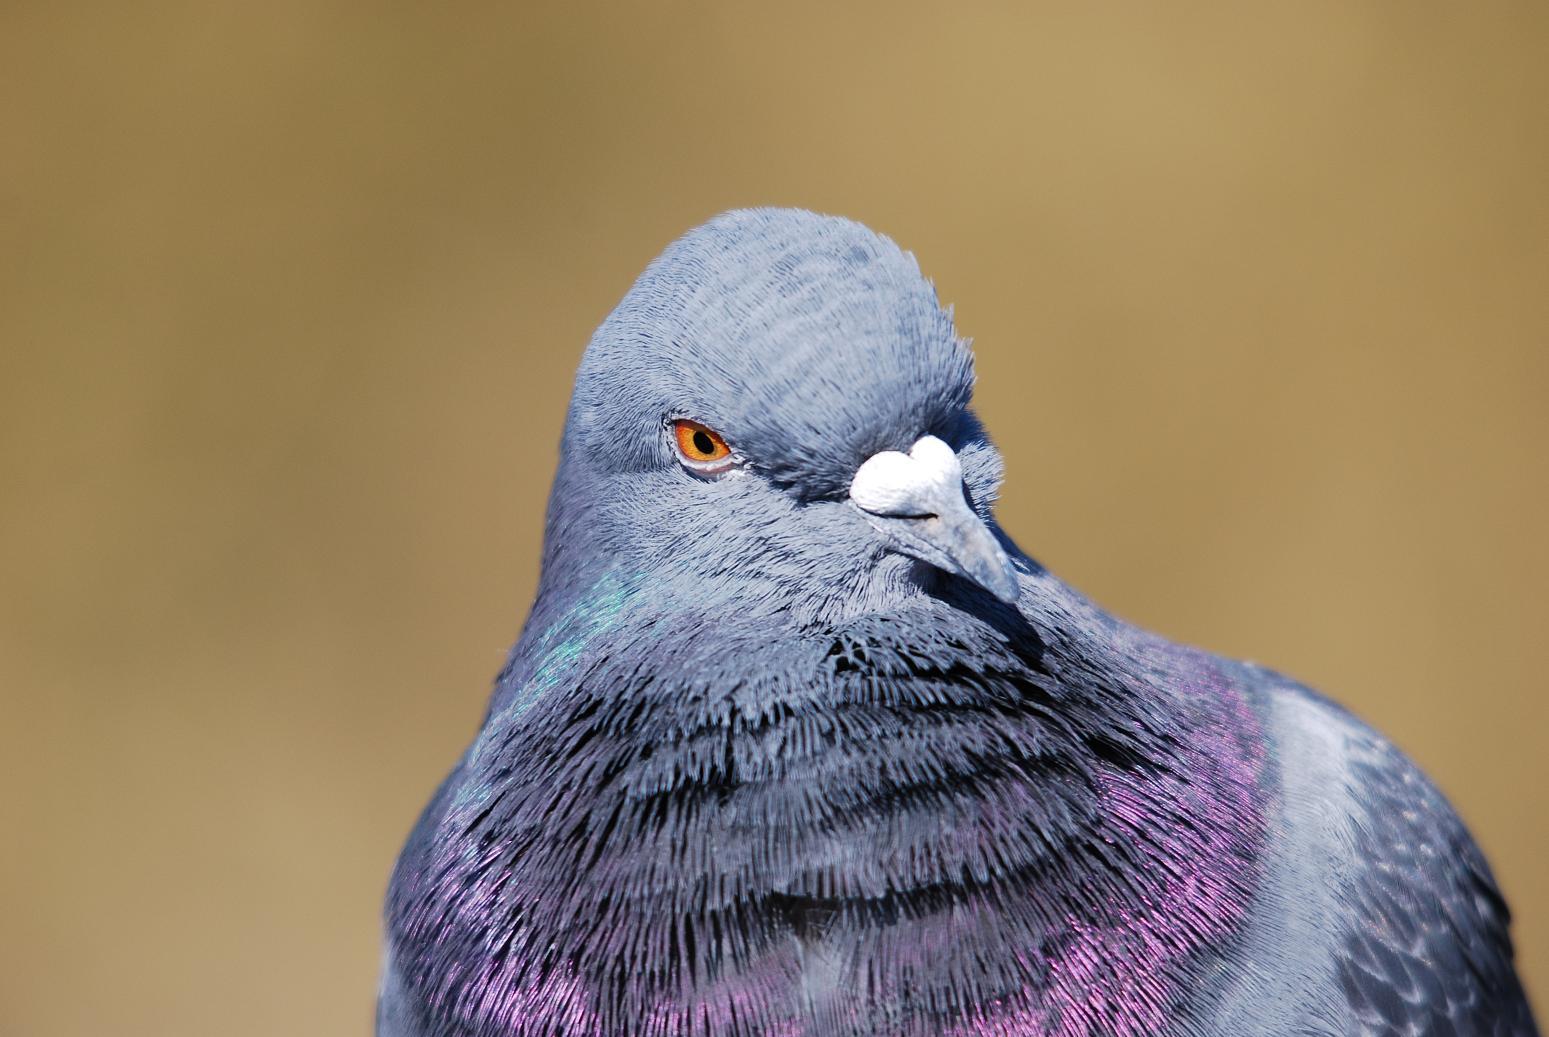 鳥人間_d0121678_1640662.jpg